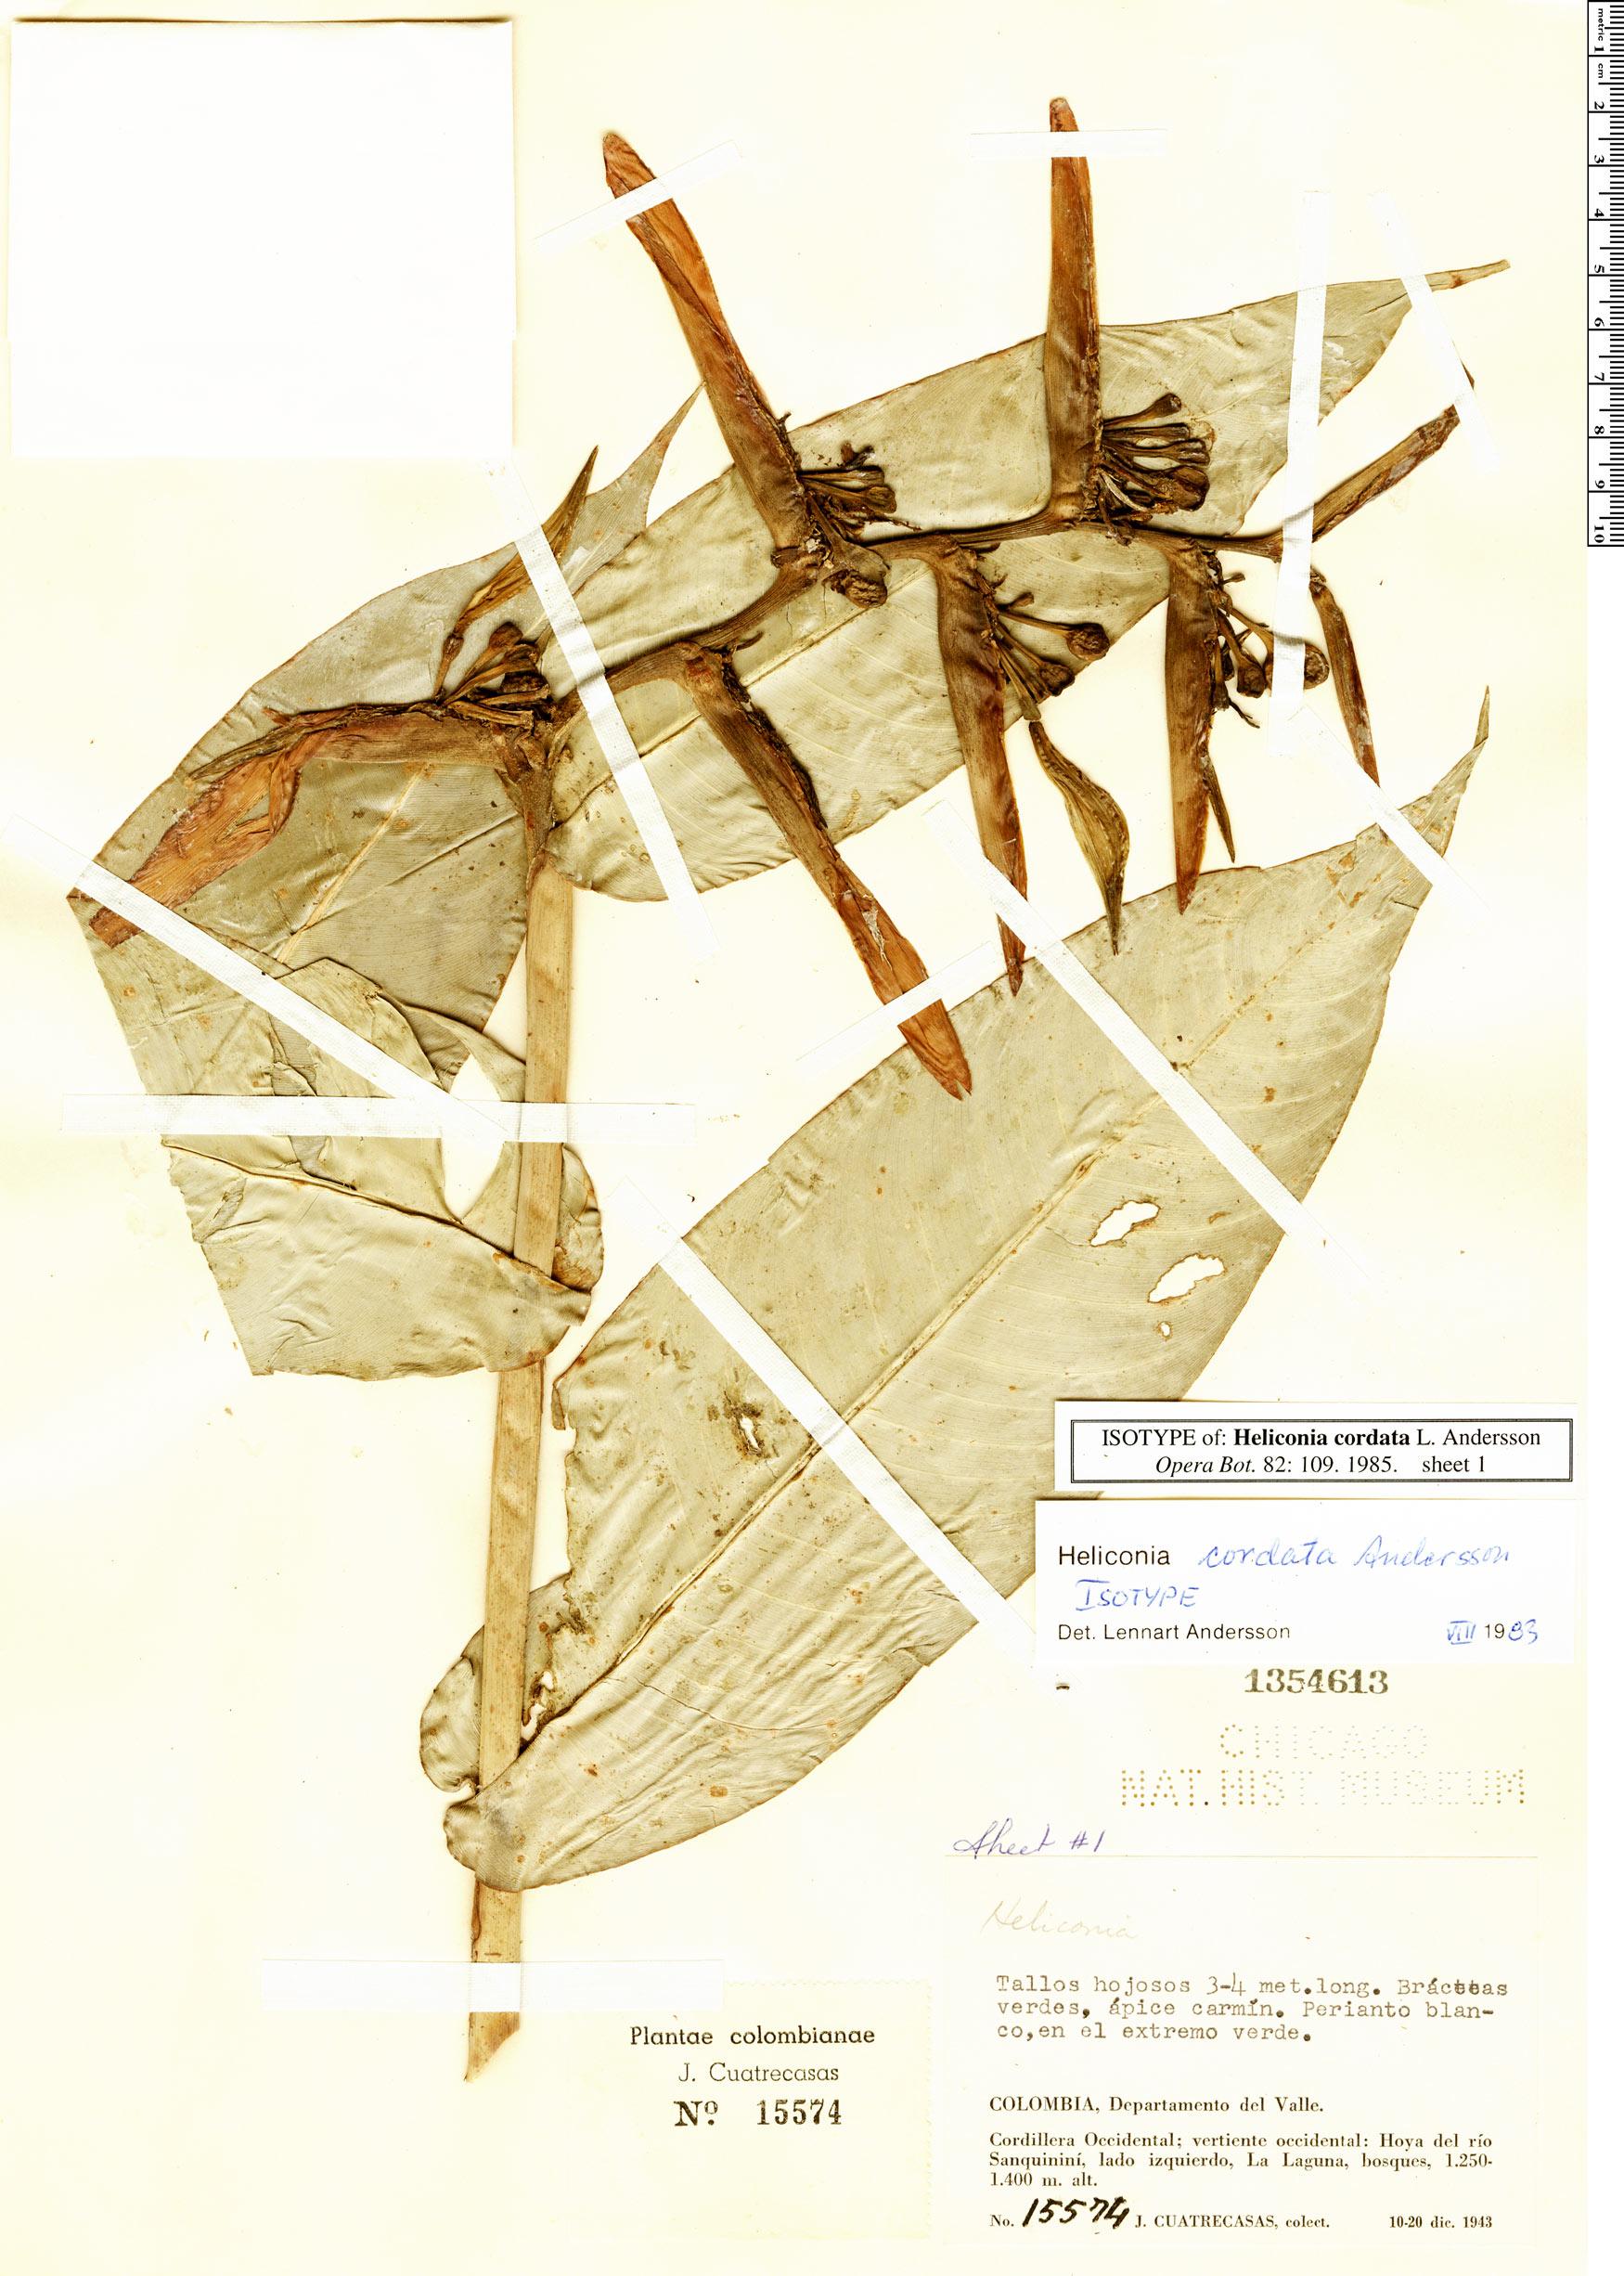 Specimen: Heliconia cordata